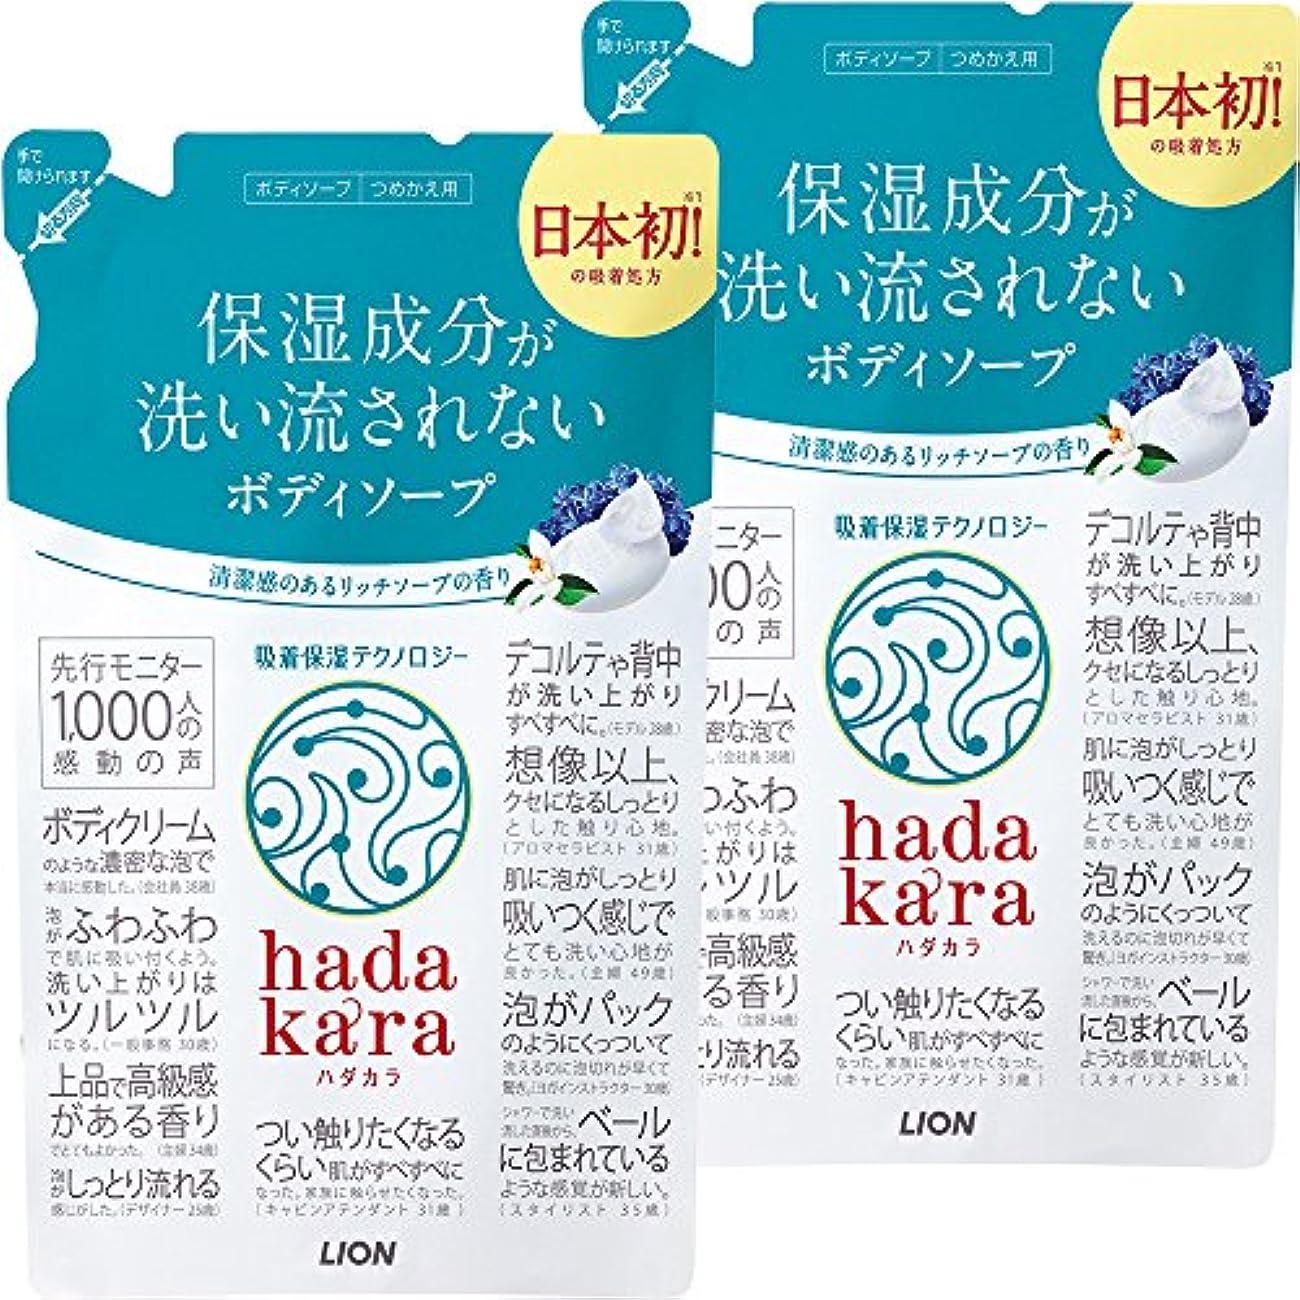 偽物調べる荒涼とした【まとめ買い】hadakara(ハダカラ) ボディソープ リッチソープの香り 詰め替え 360ml×2個パック